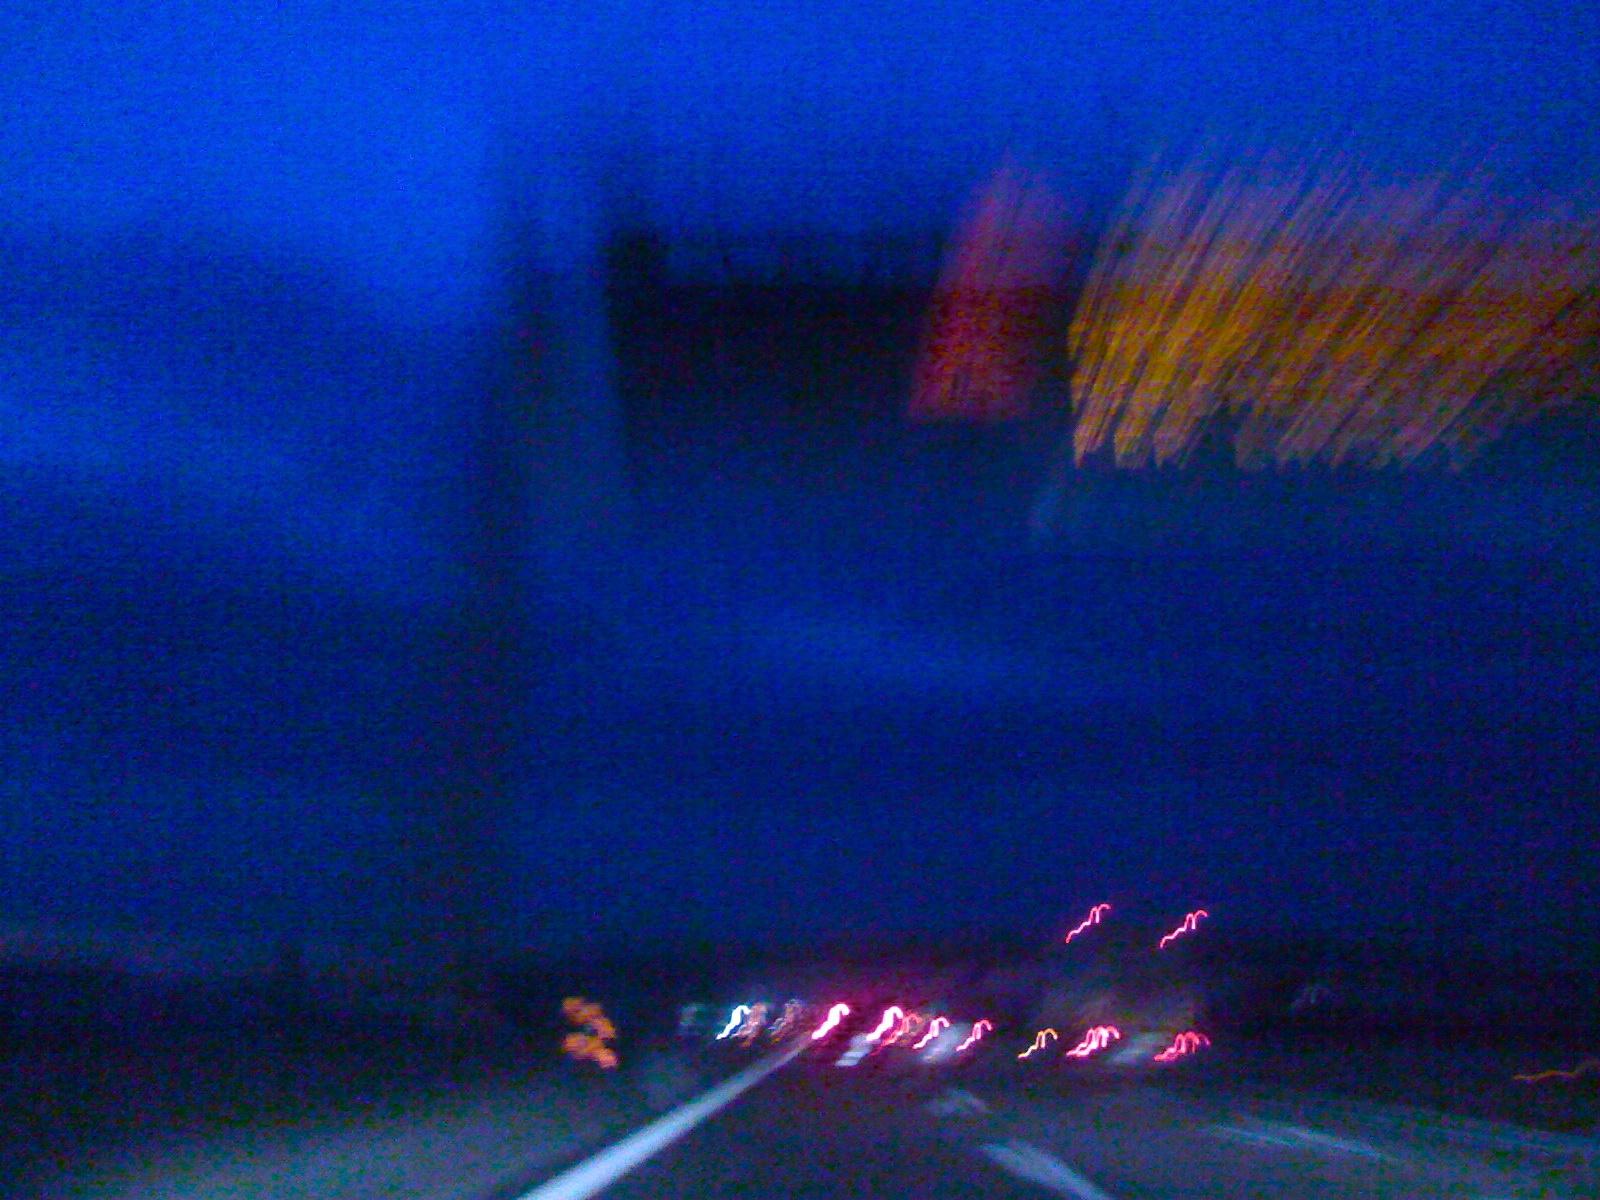 Life in the fast lane - gomma su asfalto. Immagine di Federico Di Francesco (fdifrancesco[at]aminstruments.com)